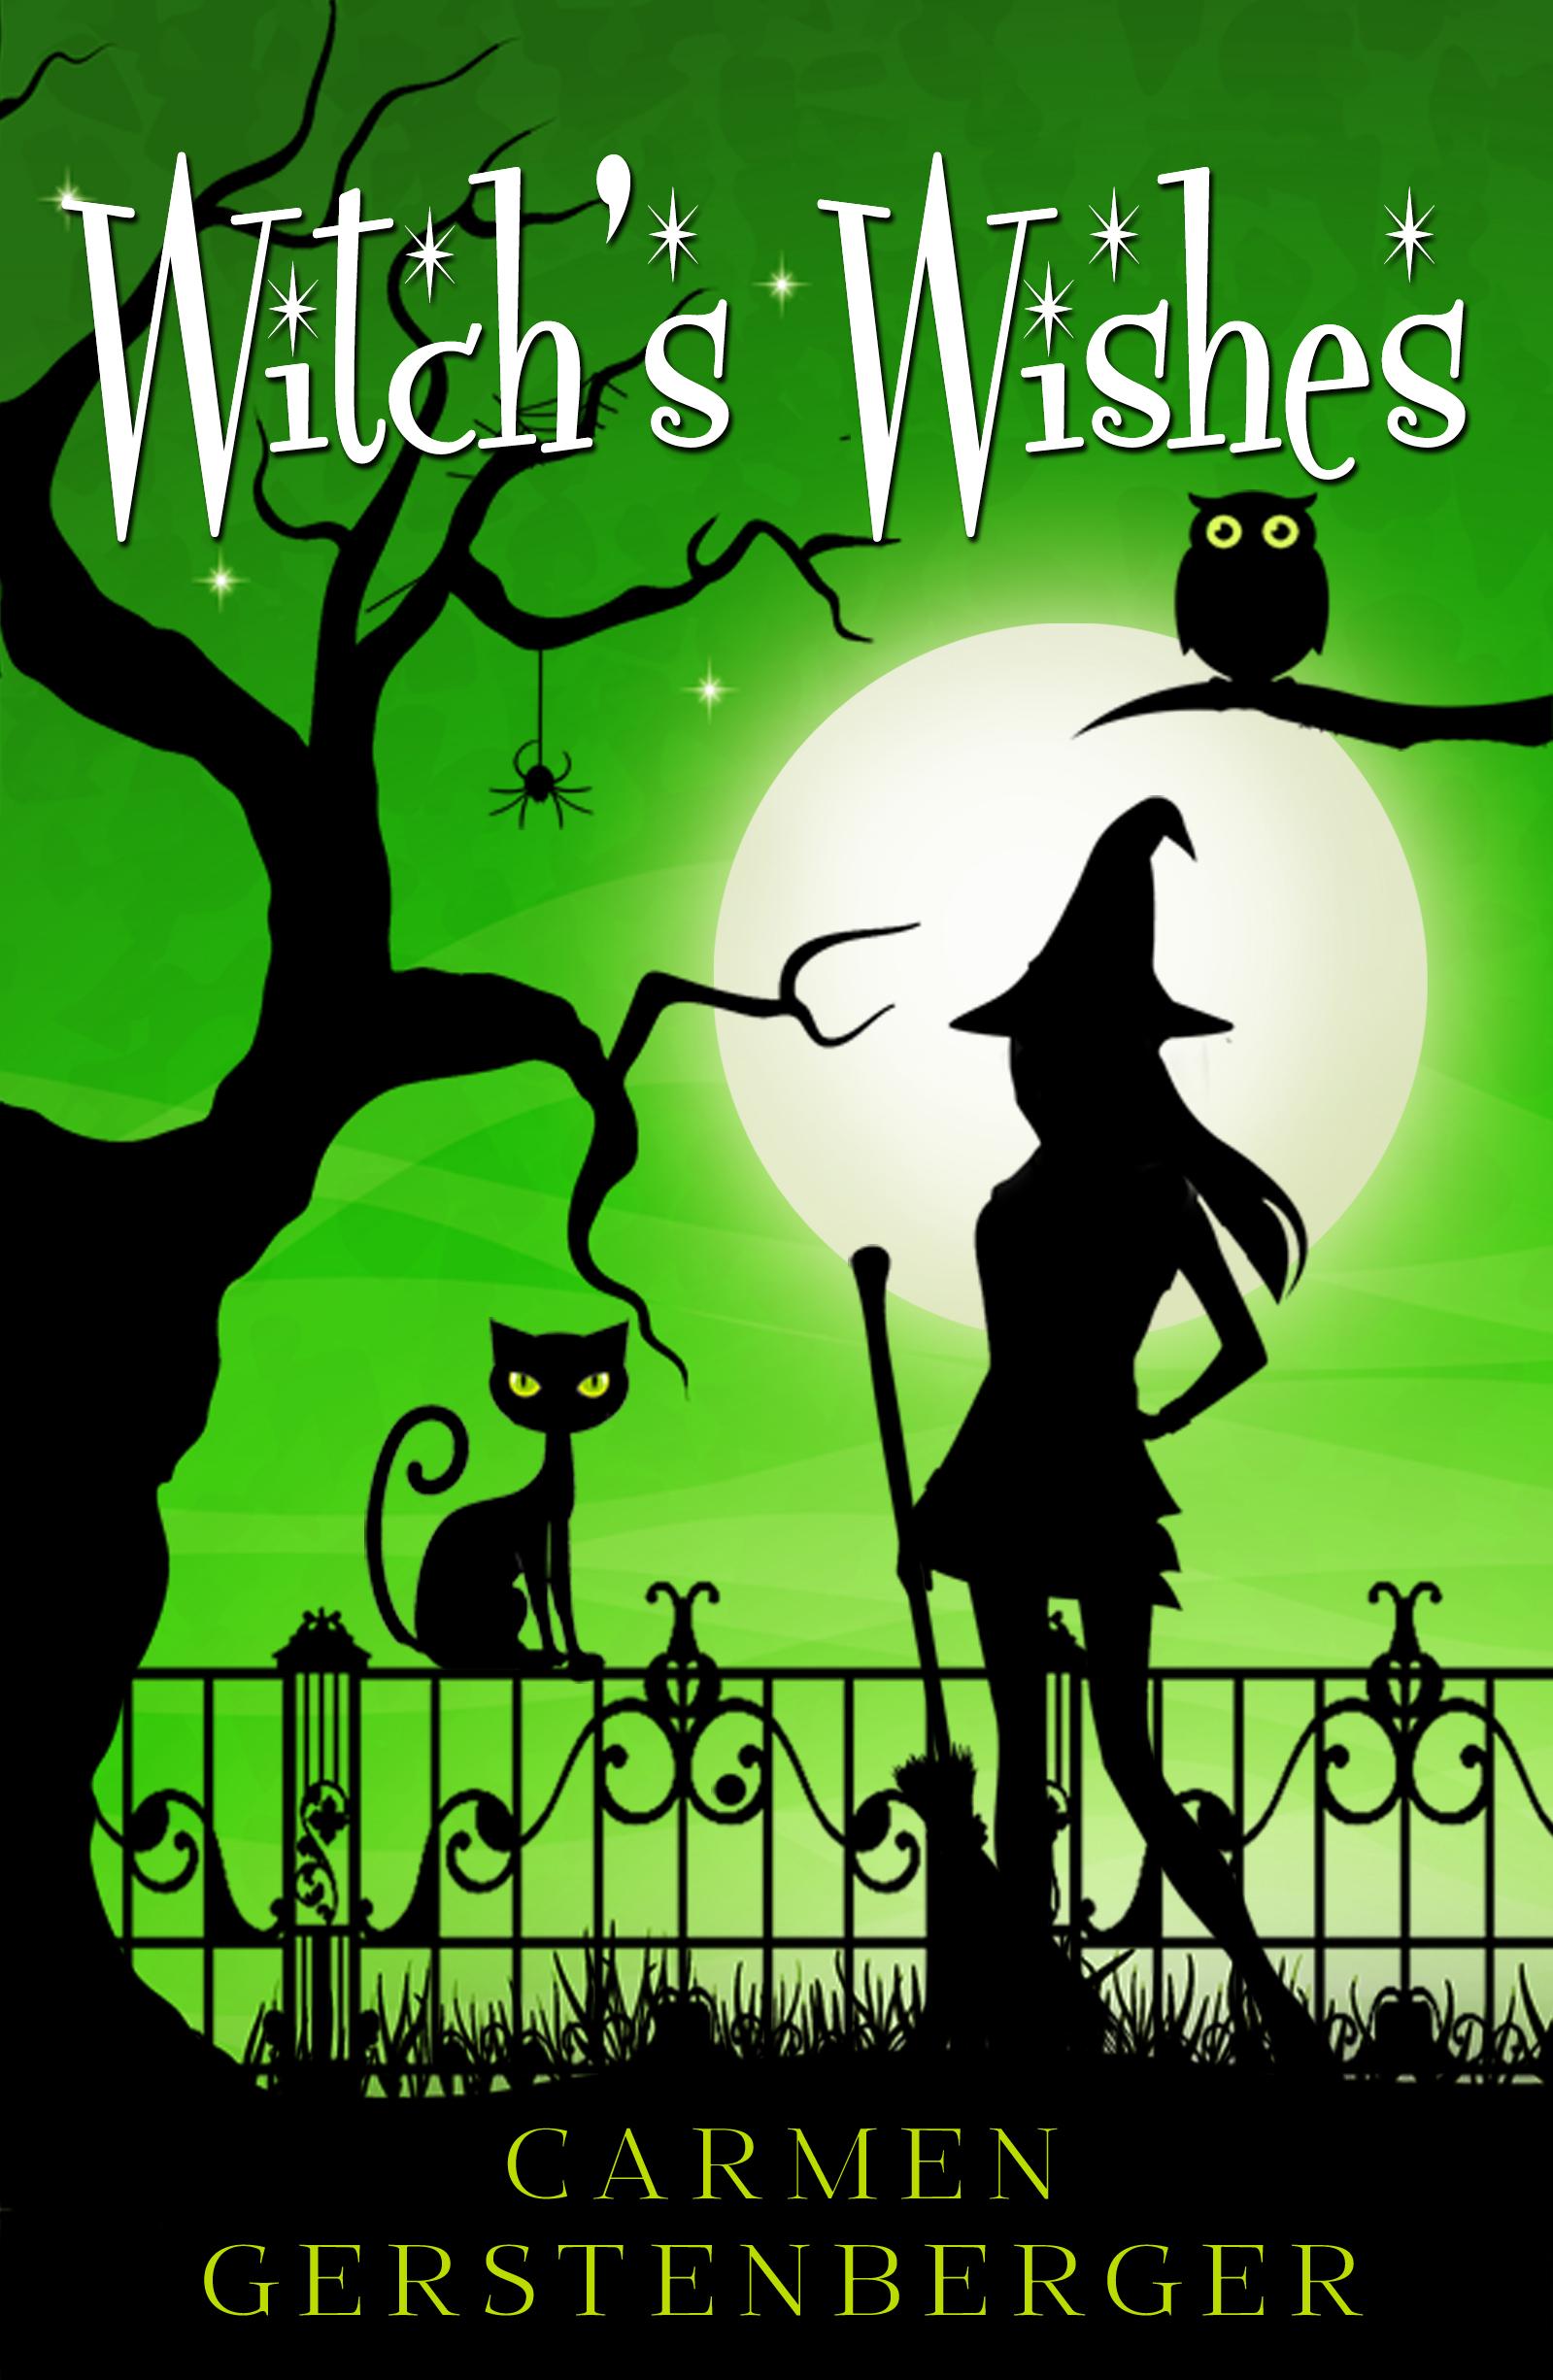 03_Gerstenberger_Carmen_Witchs_Wishes_phantastik-autoren-netzwerk.jpg